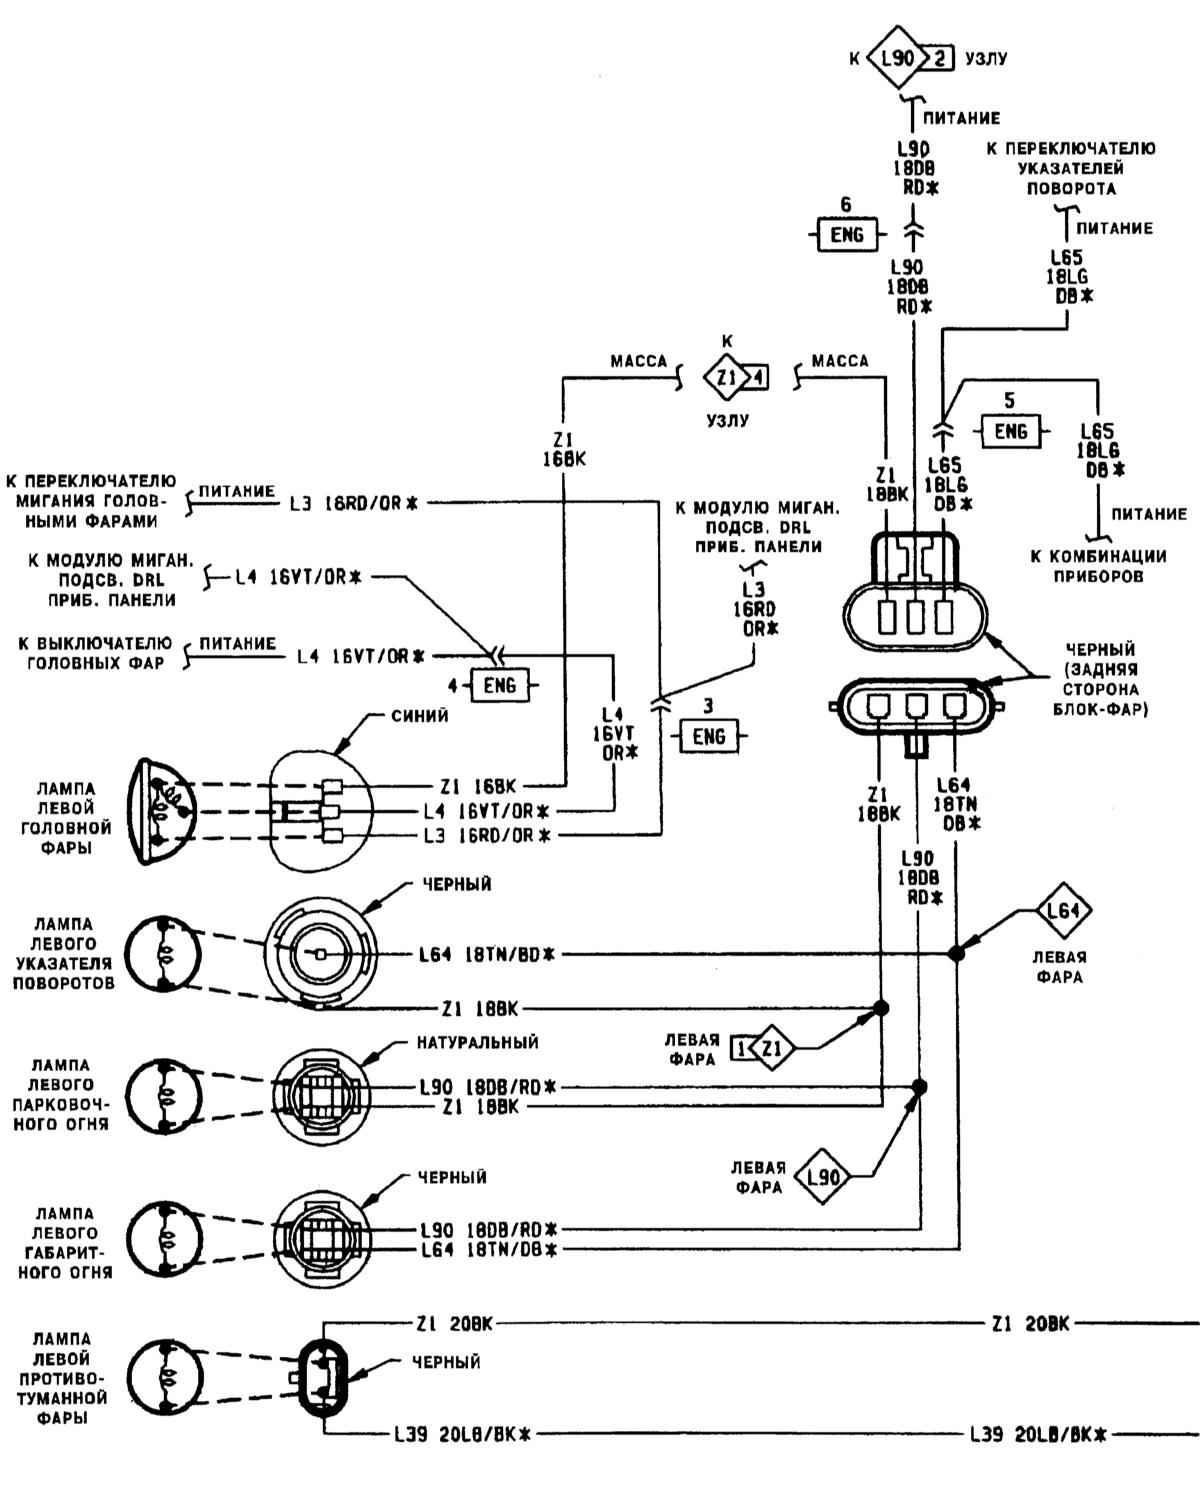 Эл.схема контура выключателя головных фар на Джип Чероки.